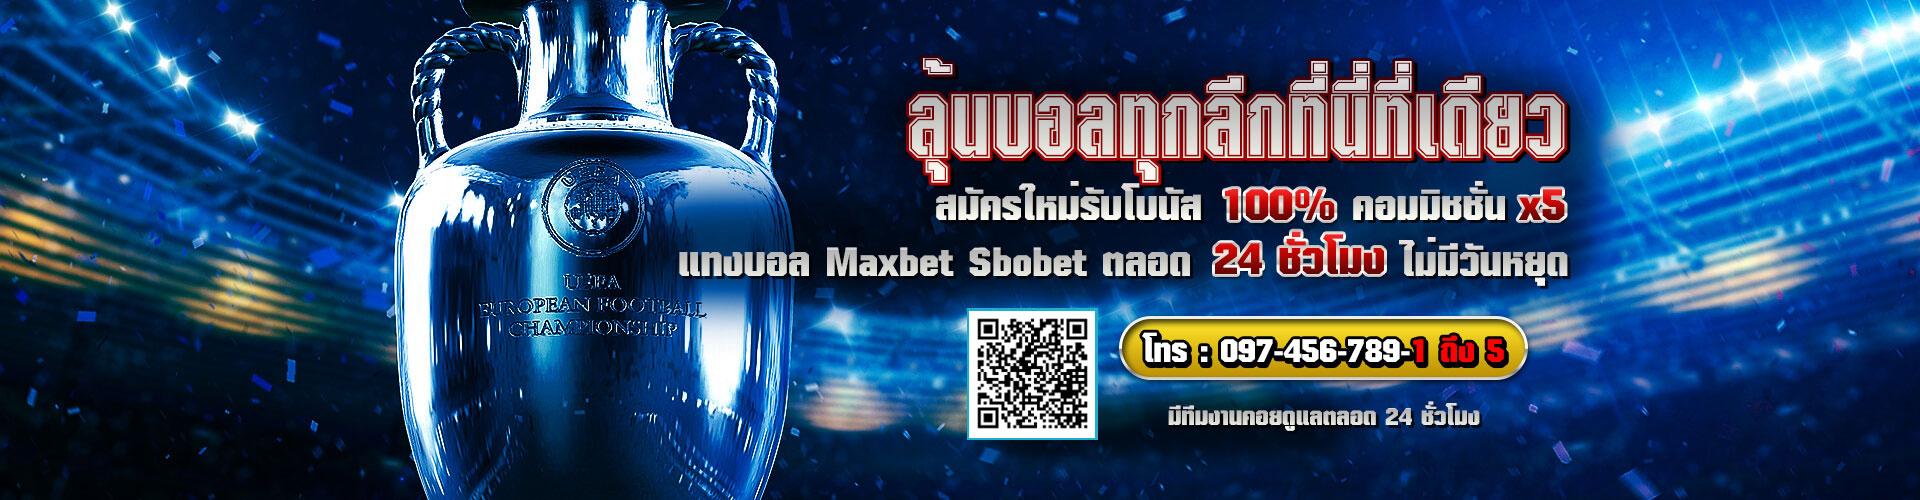 maxbet.co